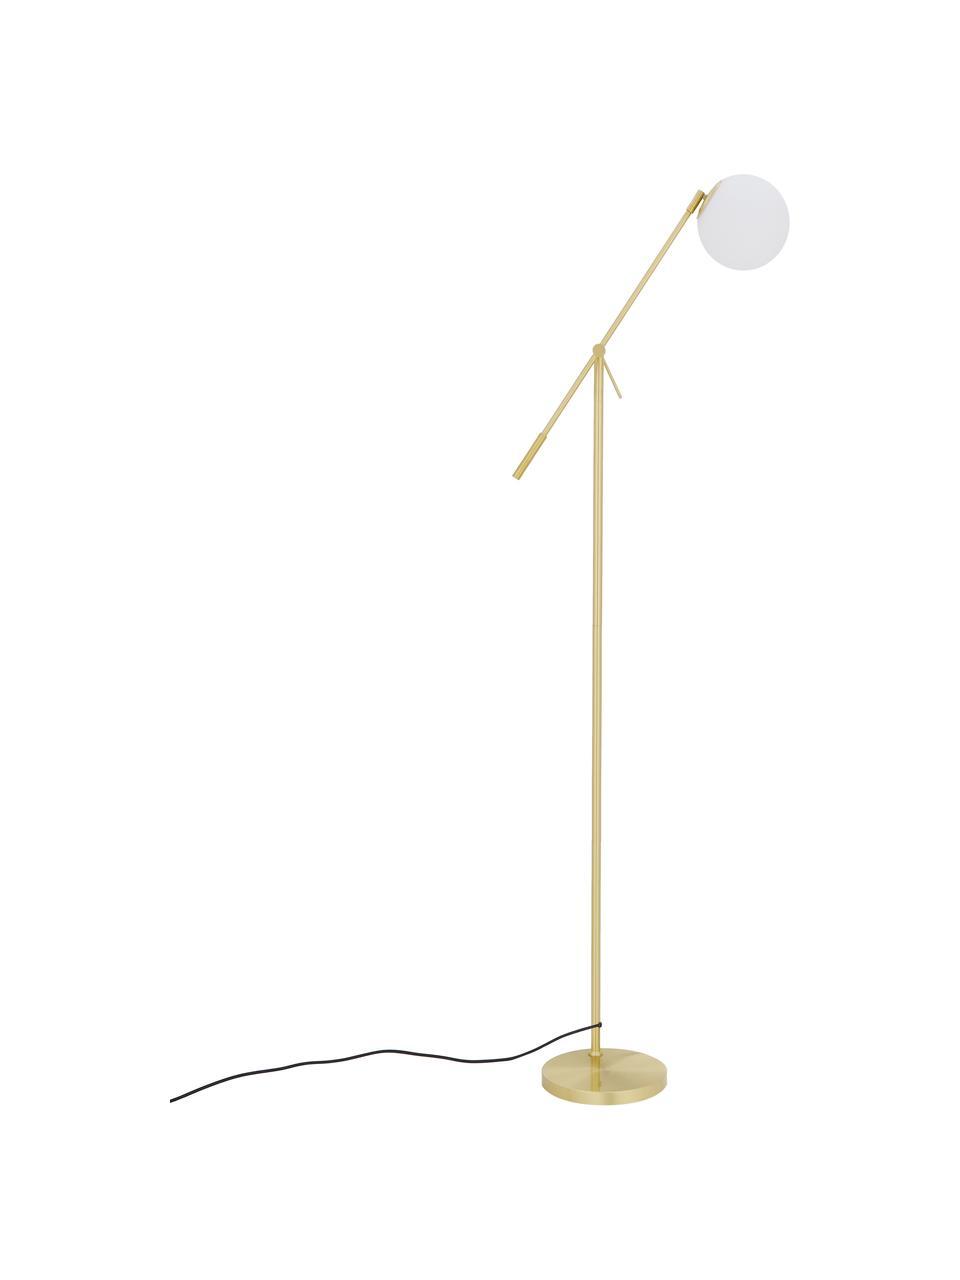 Lampada da terra in vetro opale Moon, Paralume: vetro, Base della lampada: metallo ottonato, Baldacchino e rilegatura: ottone spazzolato paralume: bianco cavo: nero, Ø 17 x Alt. 162 cm